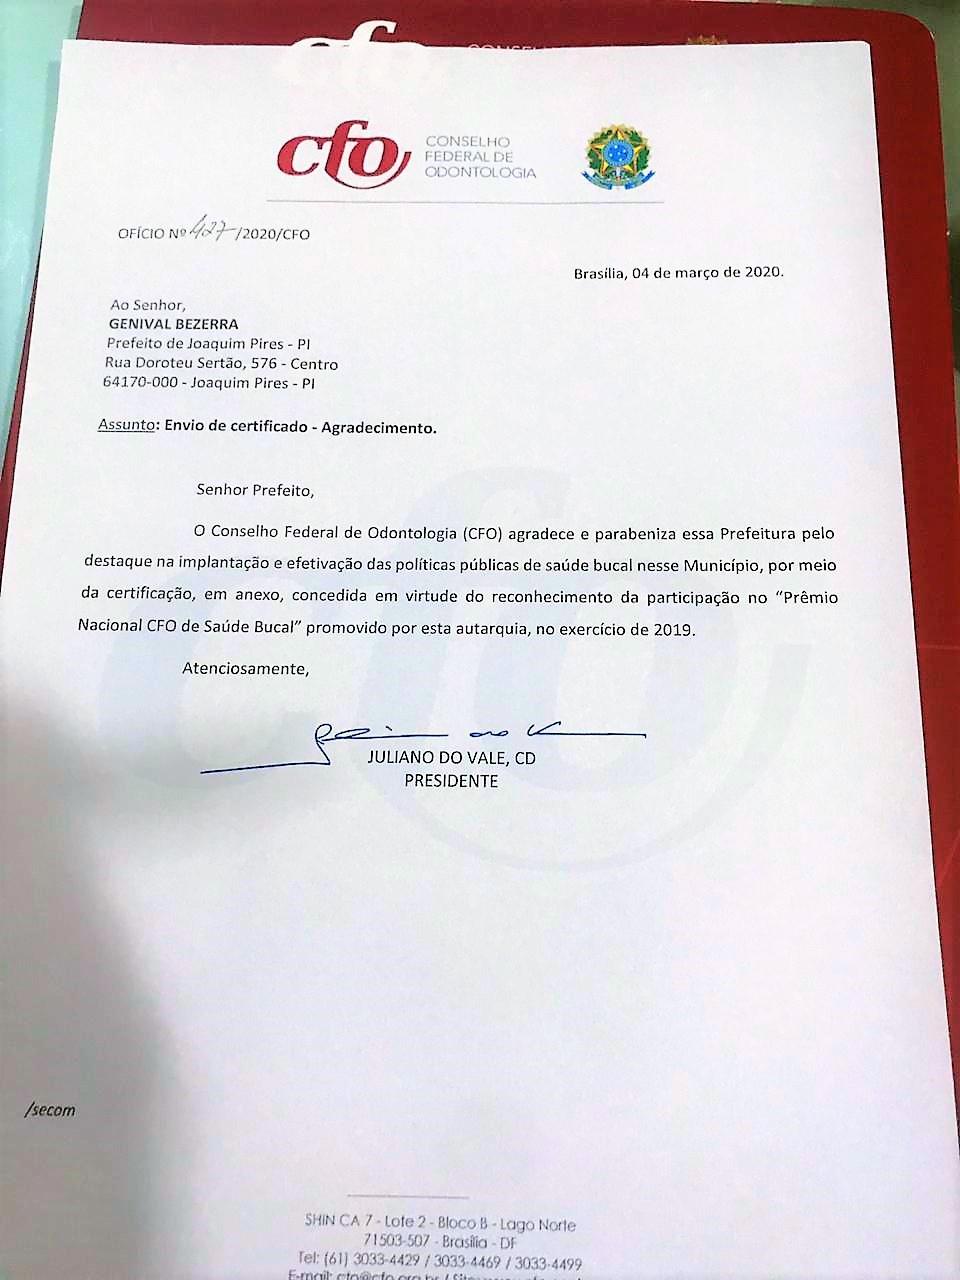 Joaquim Pires é certificado com Prêmio Nacional CFO de Saúde Bucal - Imagem 1